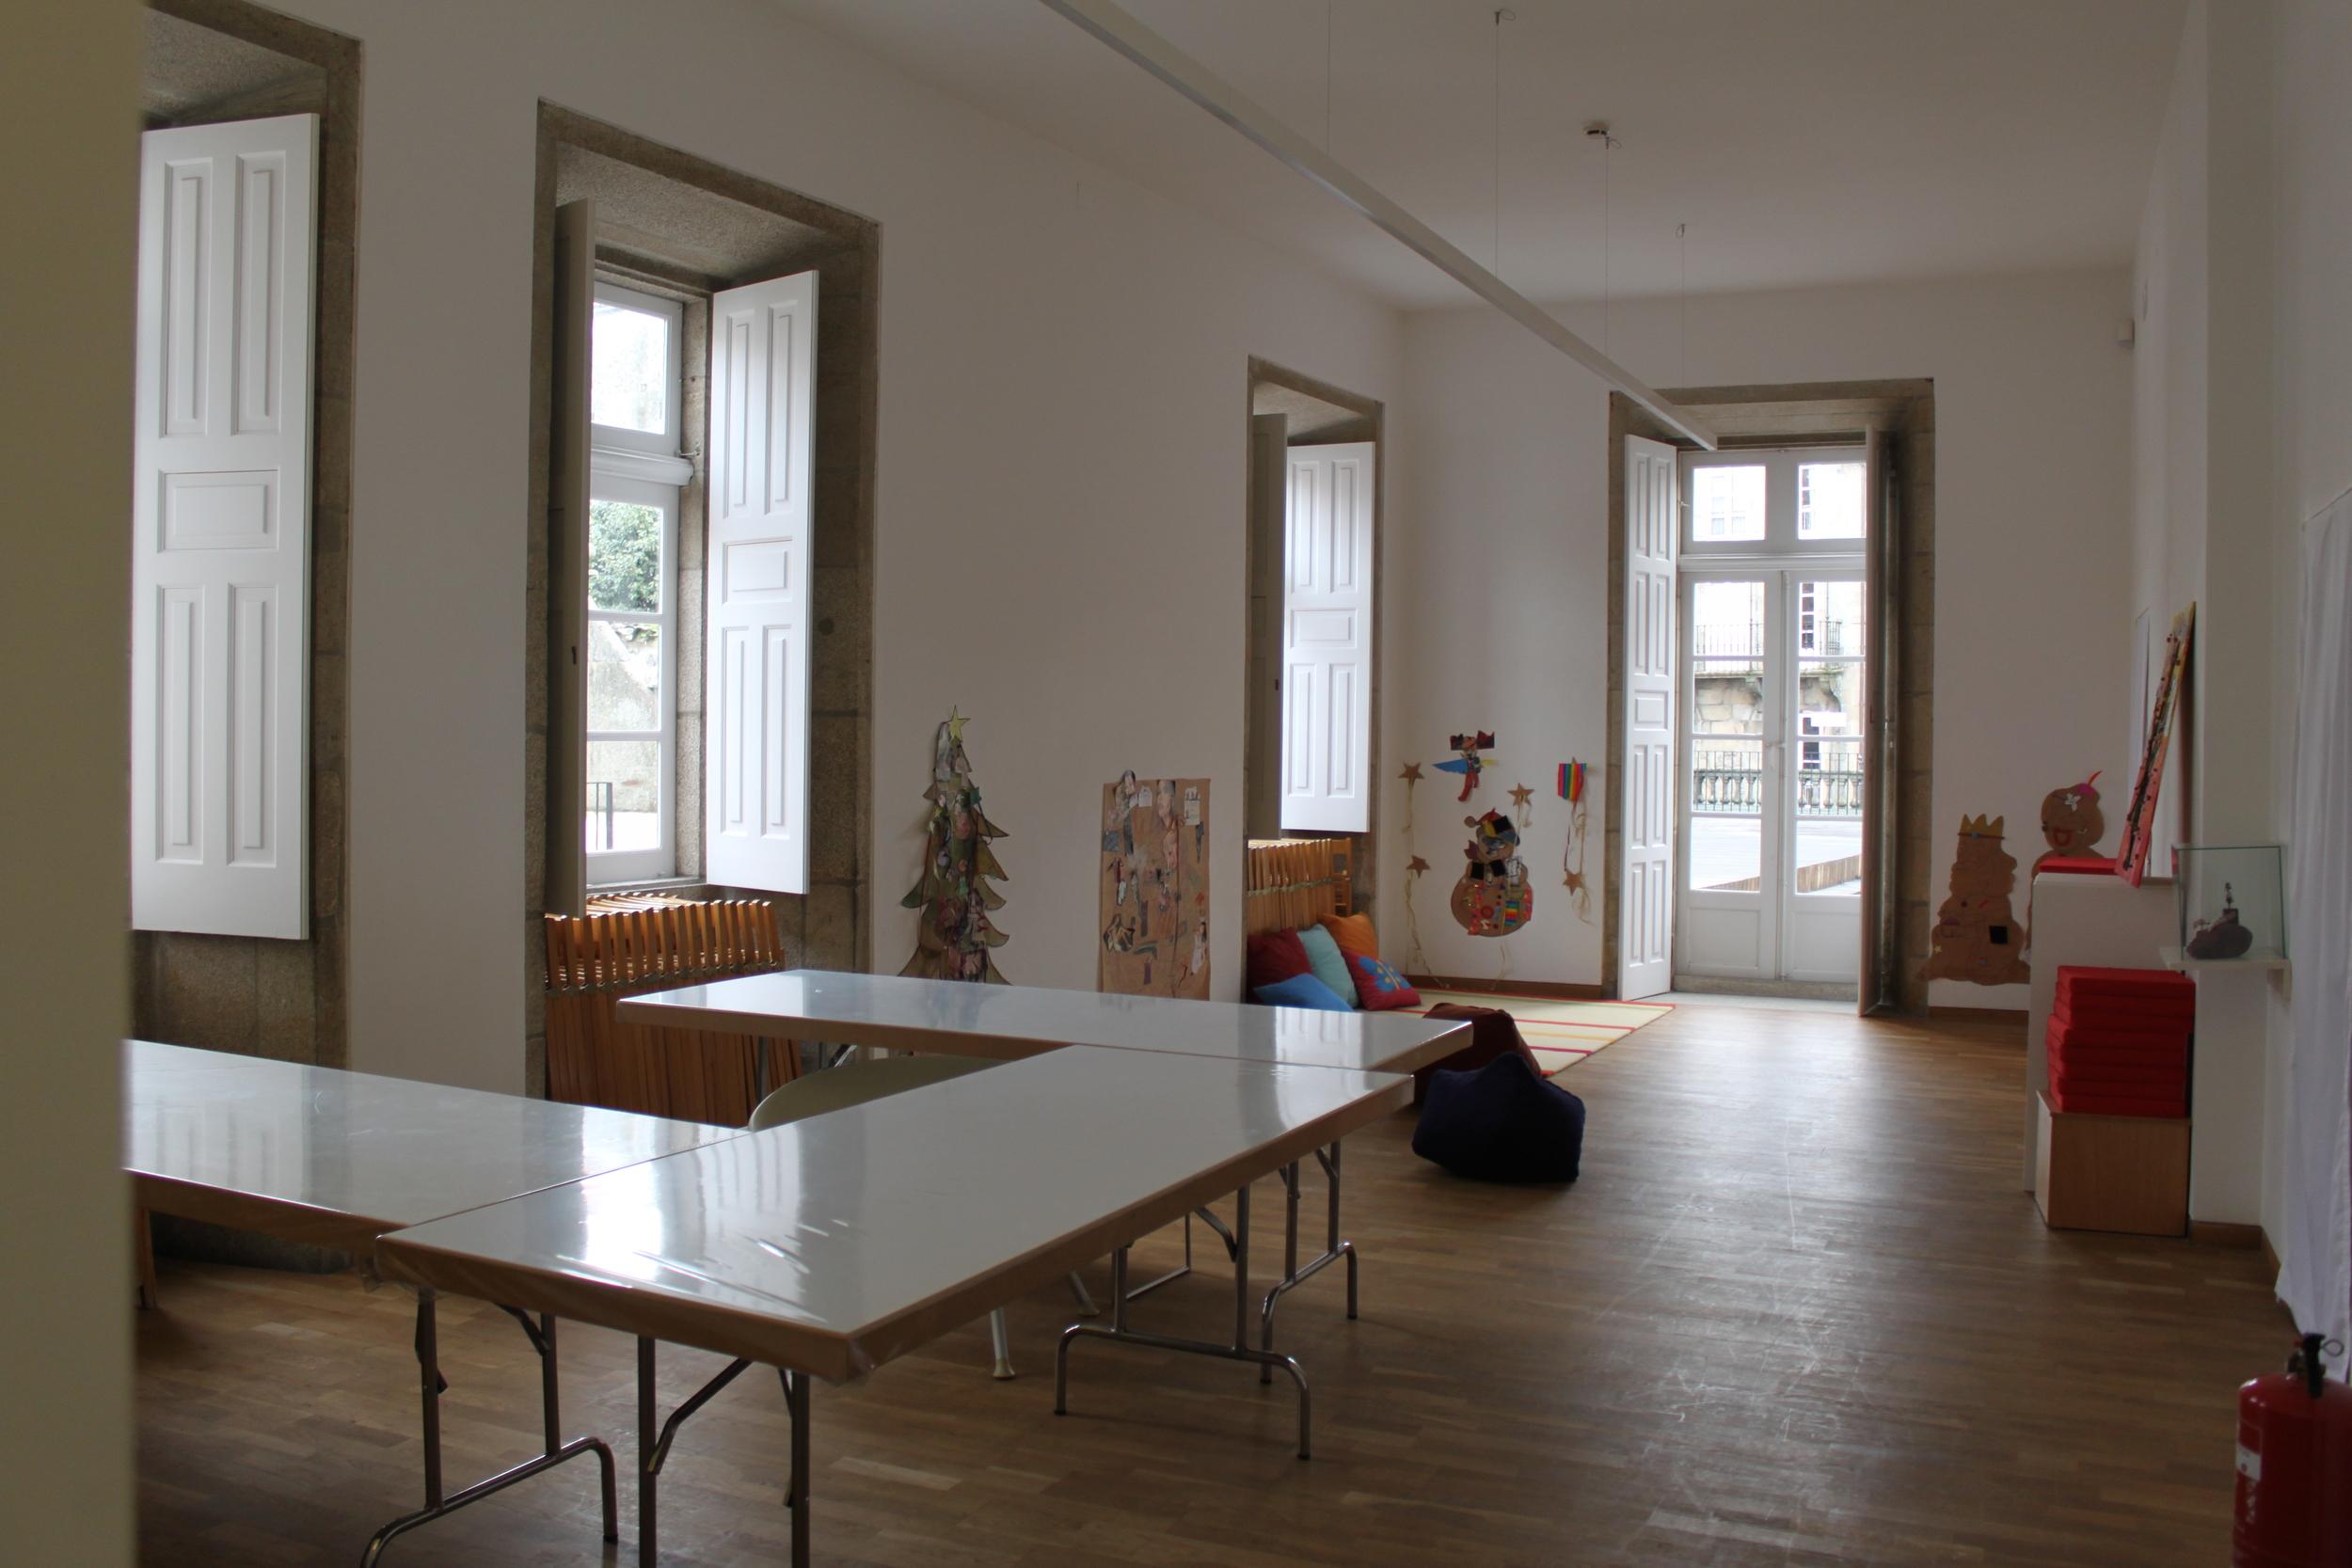 room for children´s workshops, the door opens onto the terrace